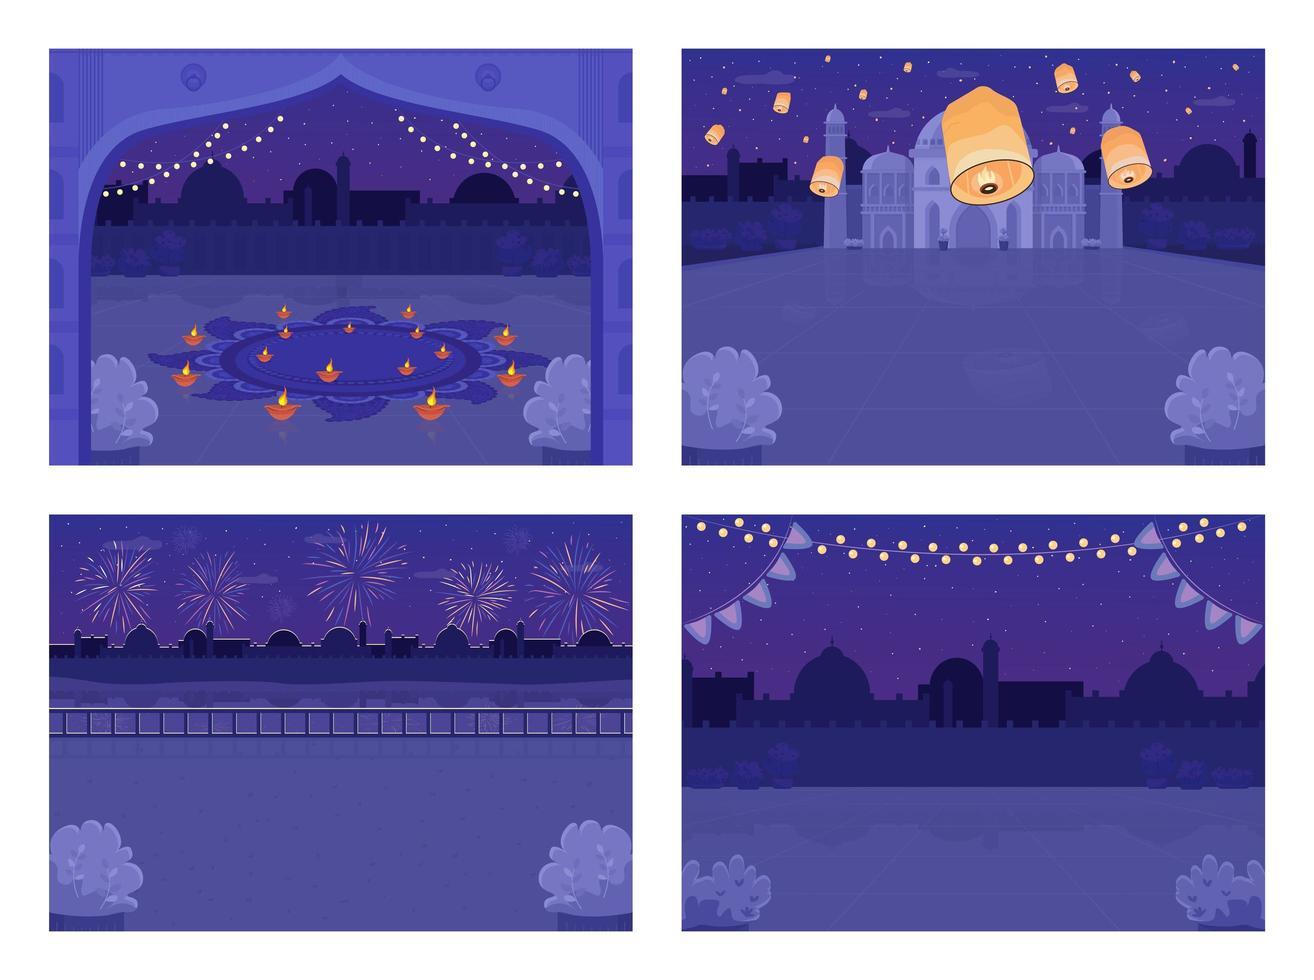 celebración navideña hindú nocturna vector